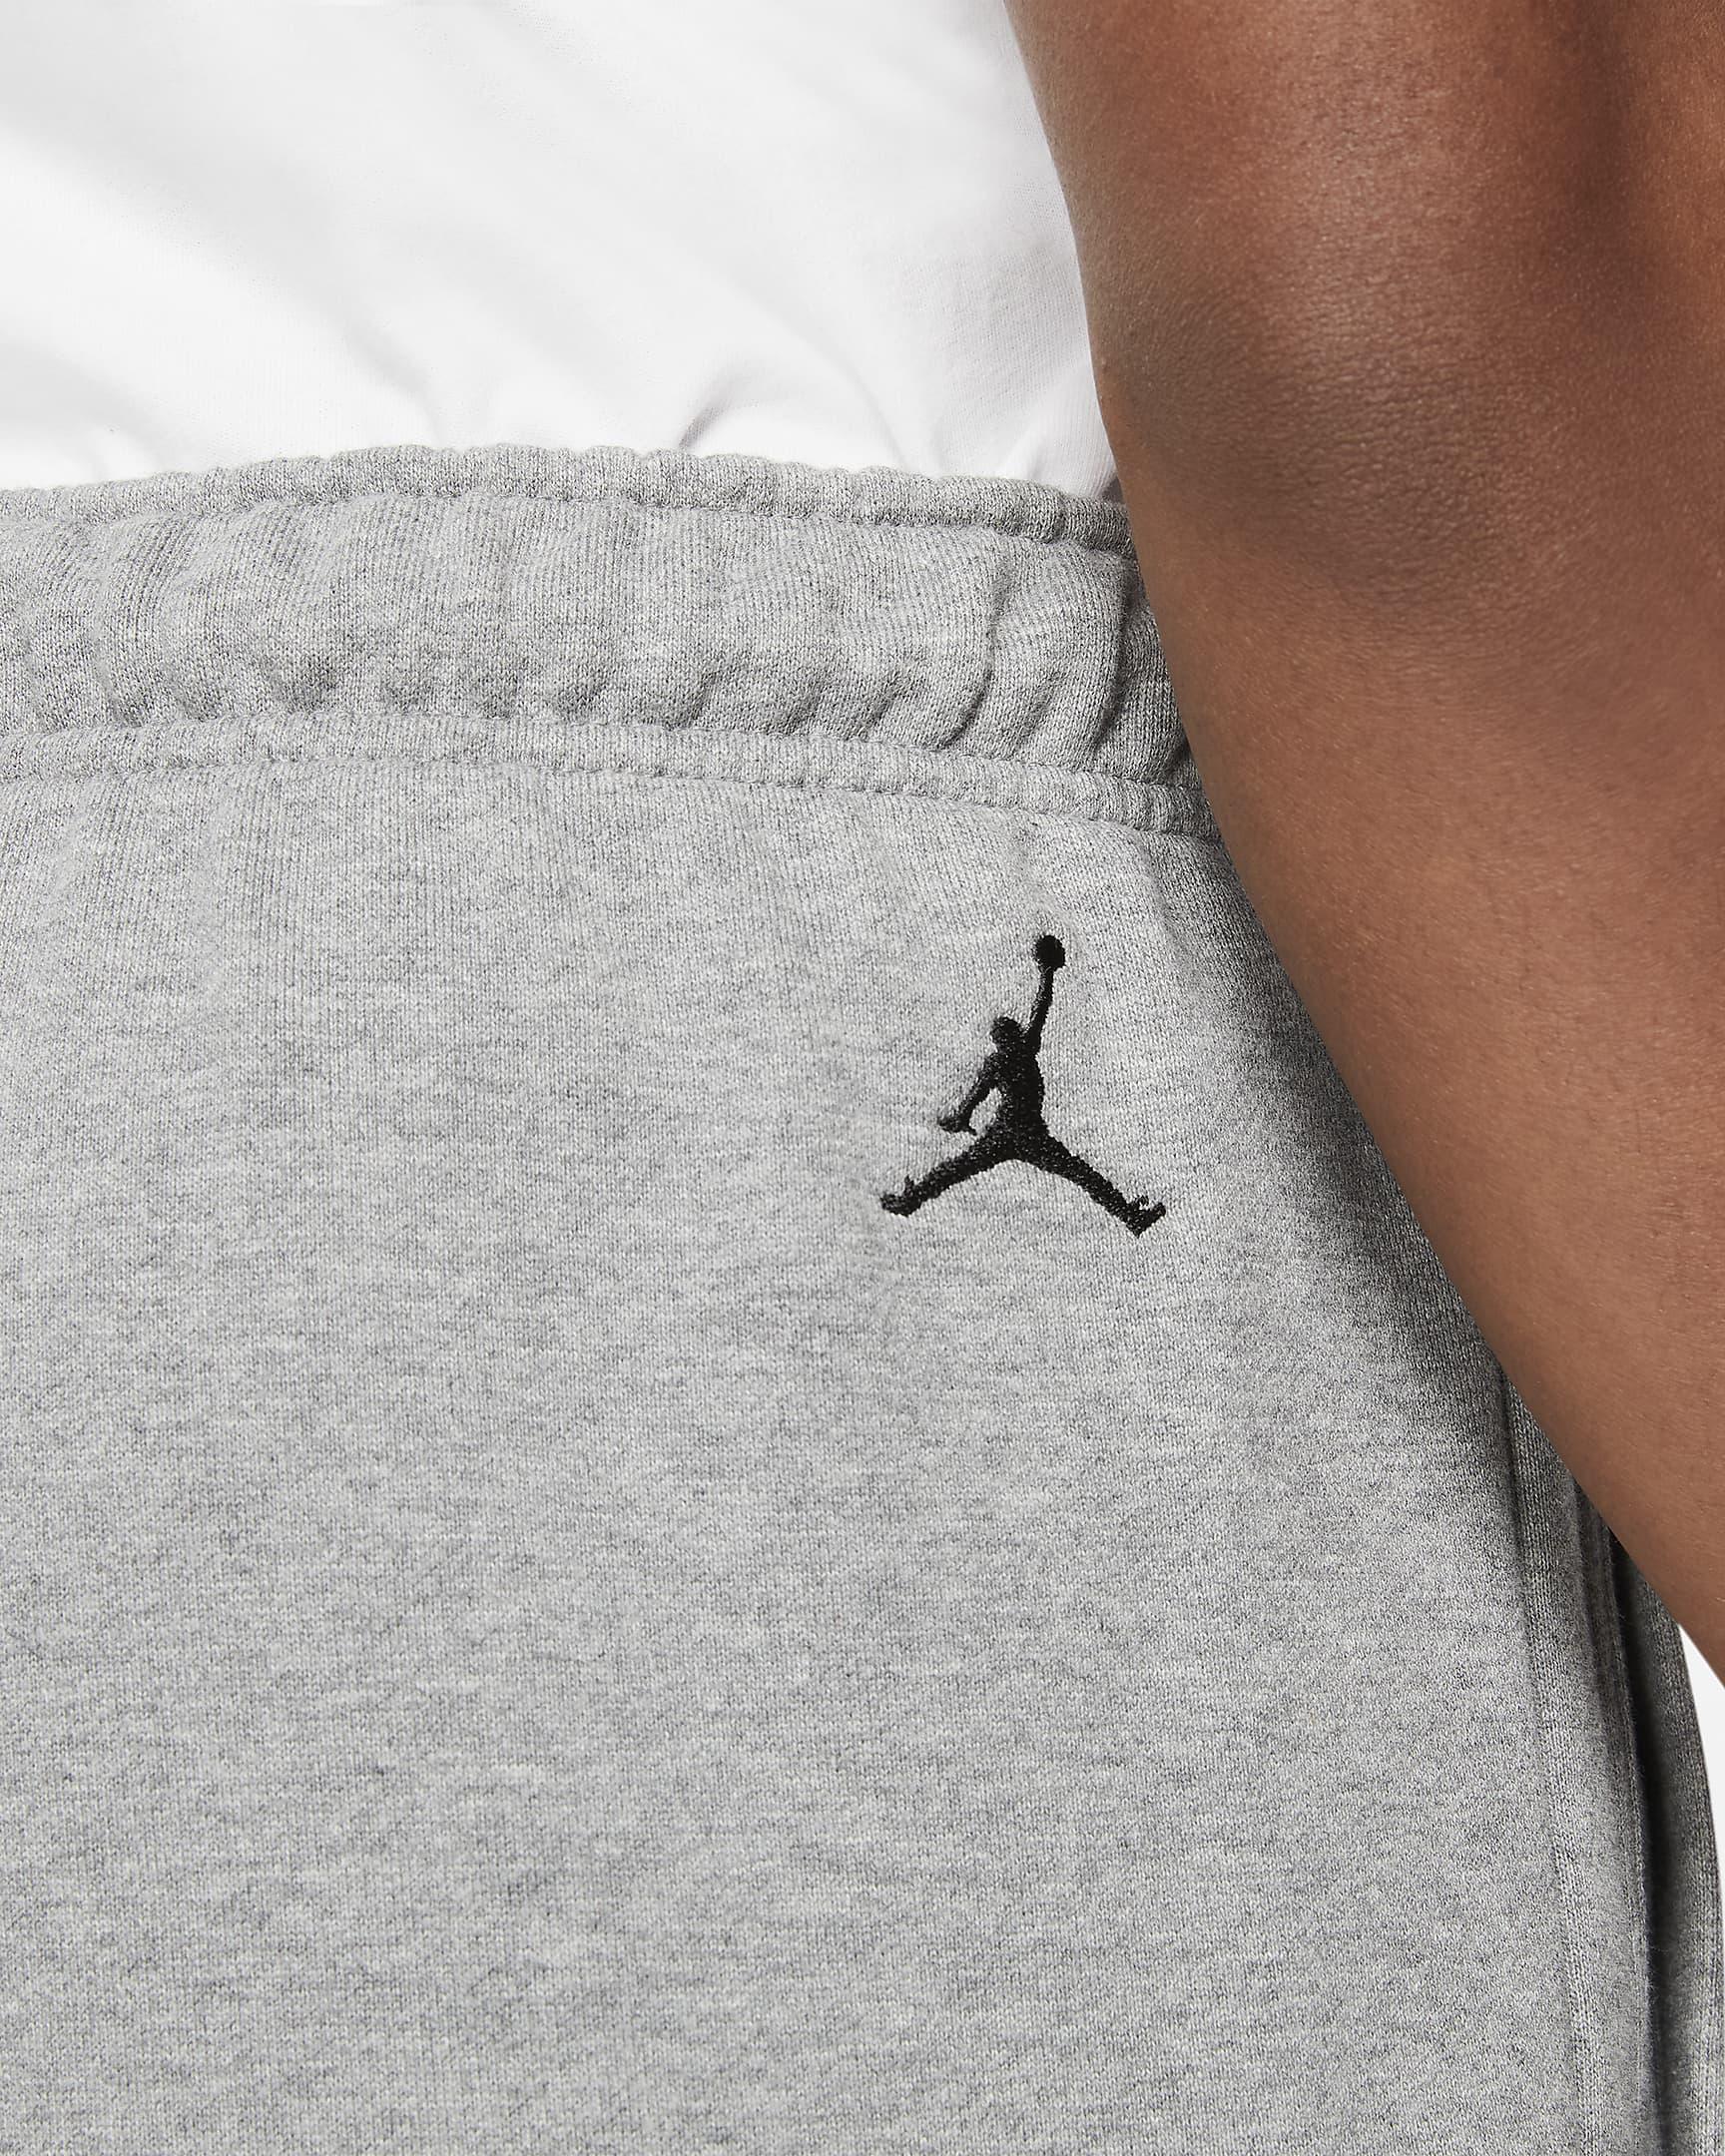 jordan-sport-dna-mens-pants-4MRJgP.png copy